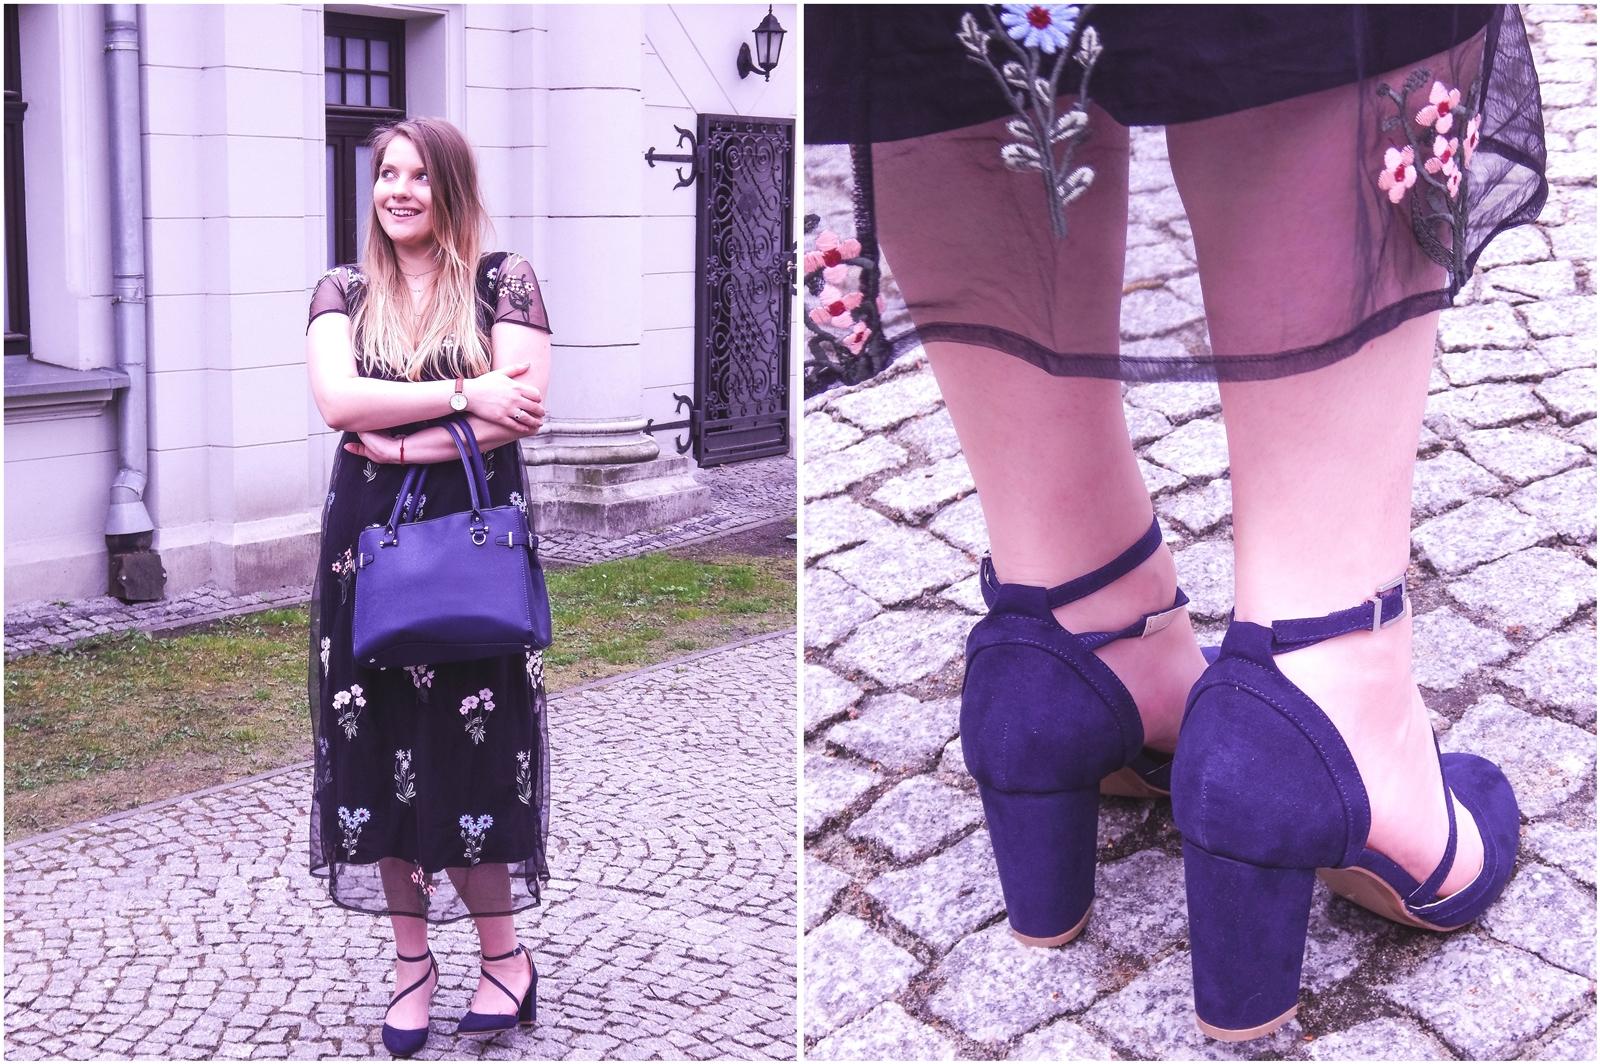 9a orsay trendy wiosna 2018 nowa kolekcja moda fashion blog blogerki modowe łódź z łodzi łódzkie melodylaniella fashion instagram sukienka na wesele różowy płaszcz granatowe pantofle duża torba